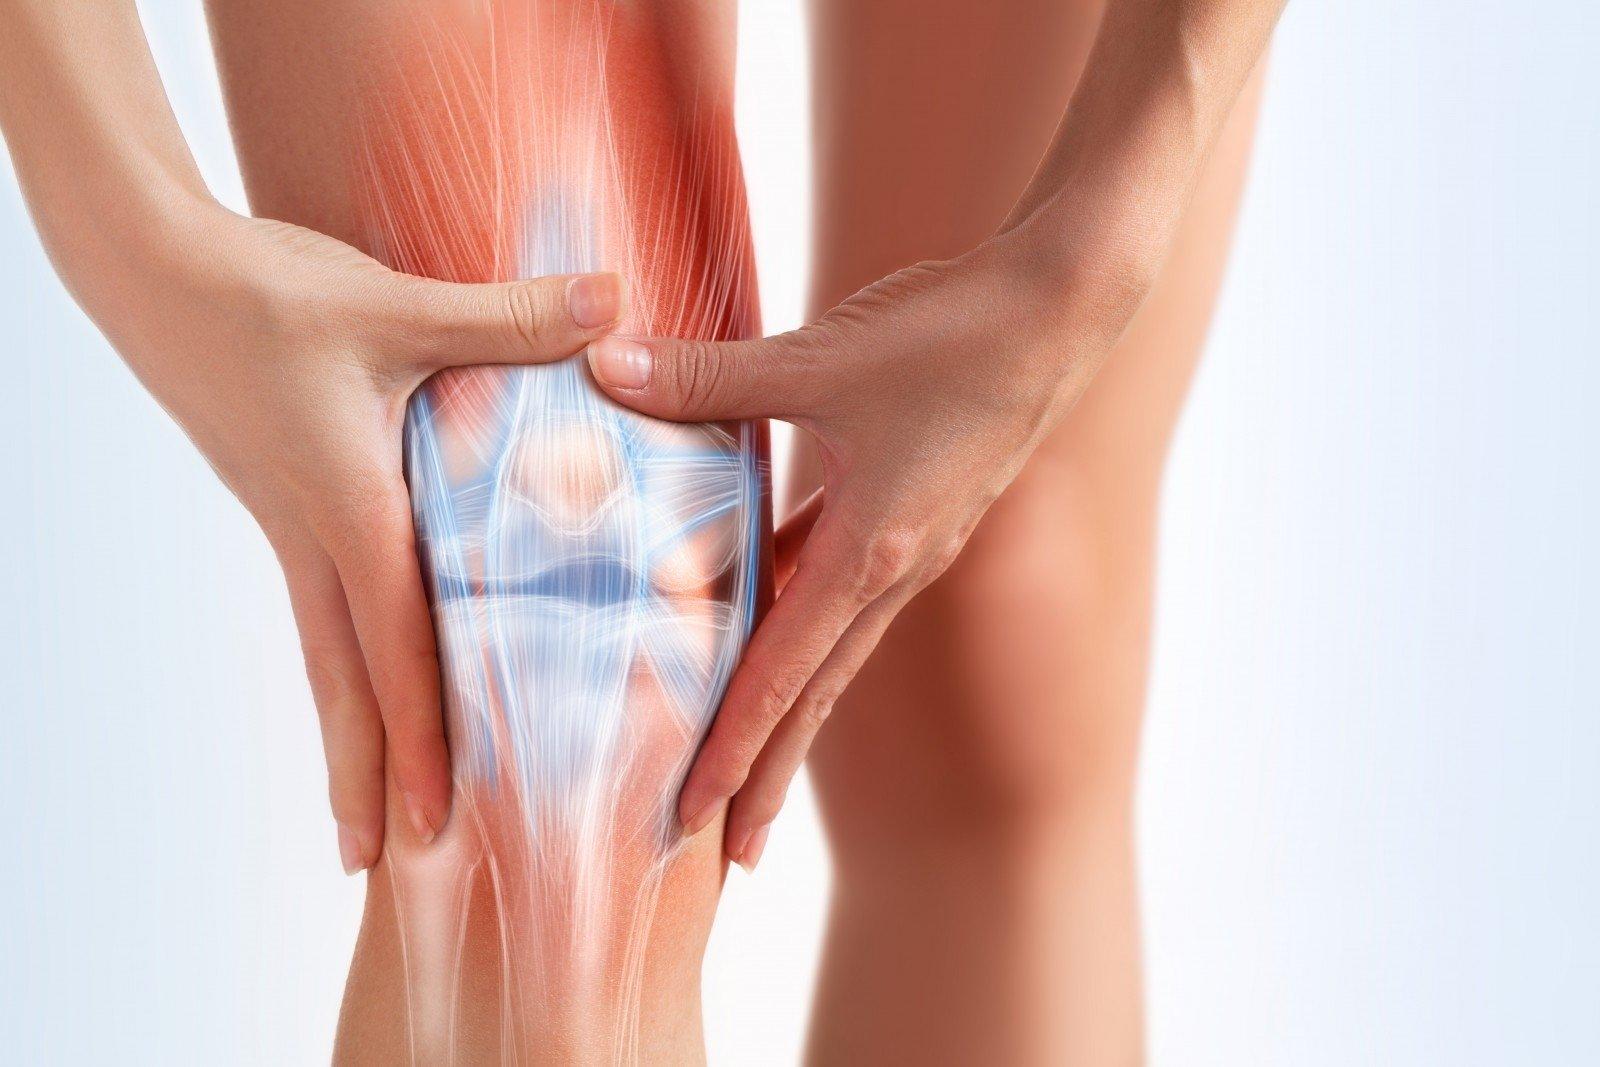 pavadinimas ligų kaulų ir sąnarių gydymas artrozė pirštais tautų